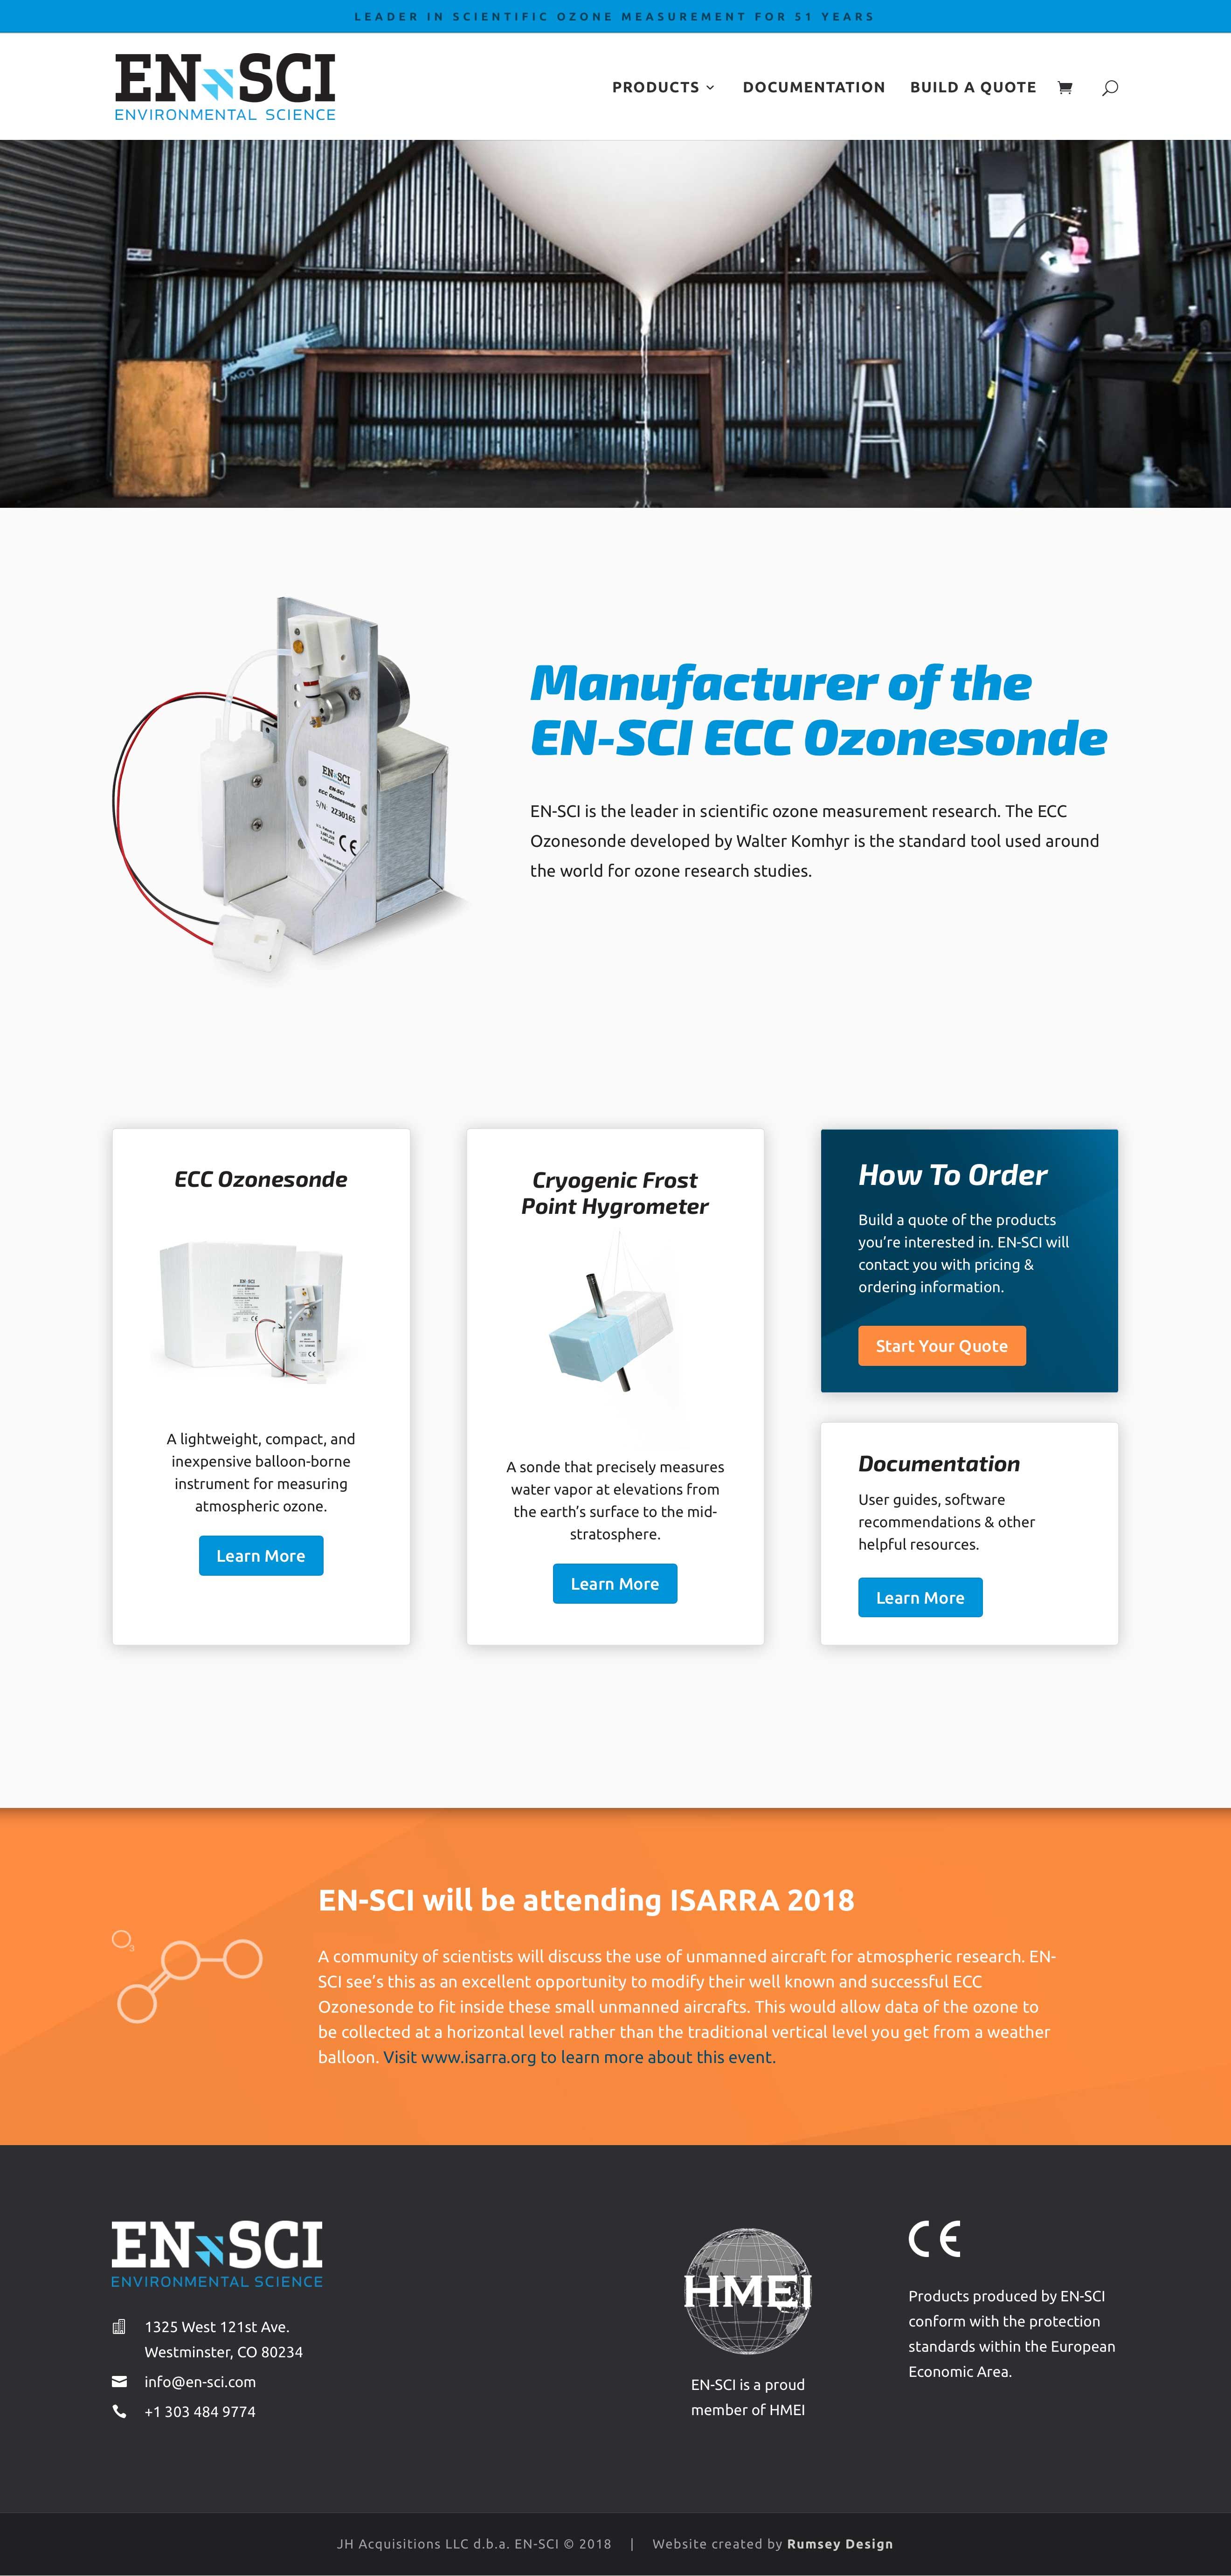 Intelivideo Website